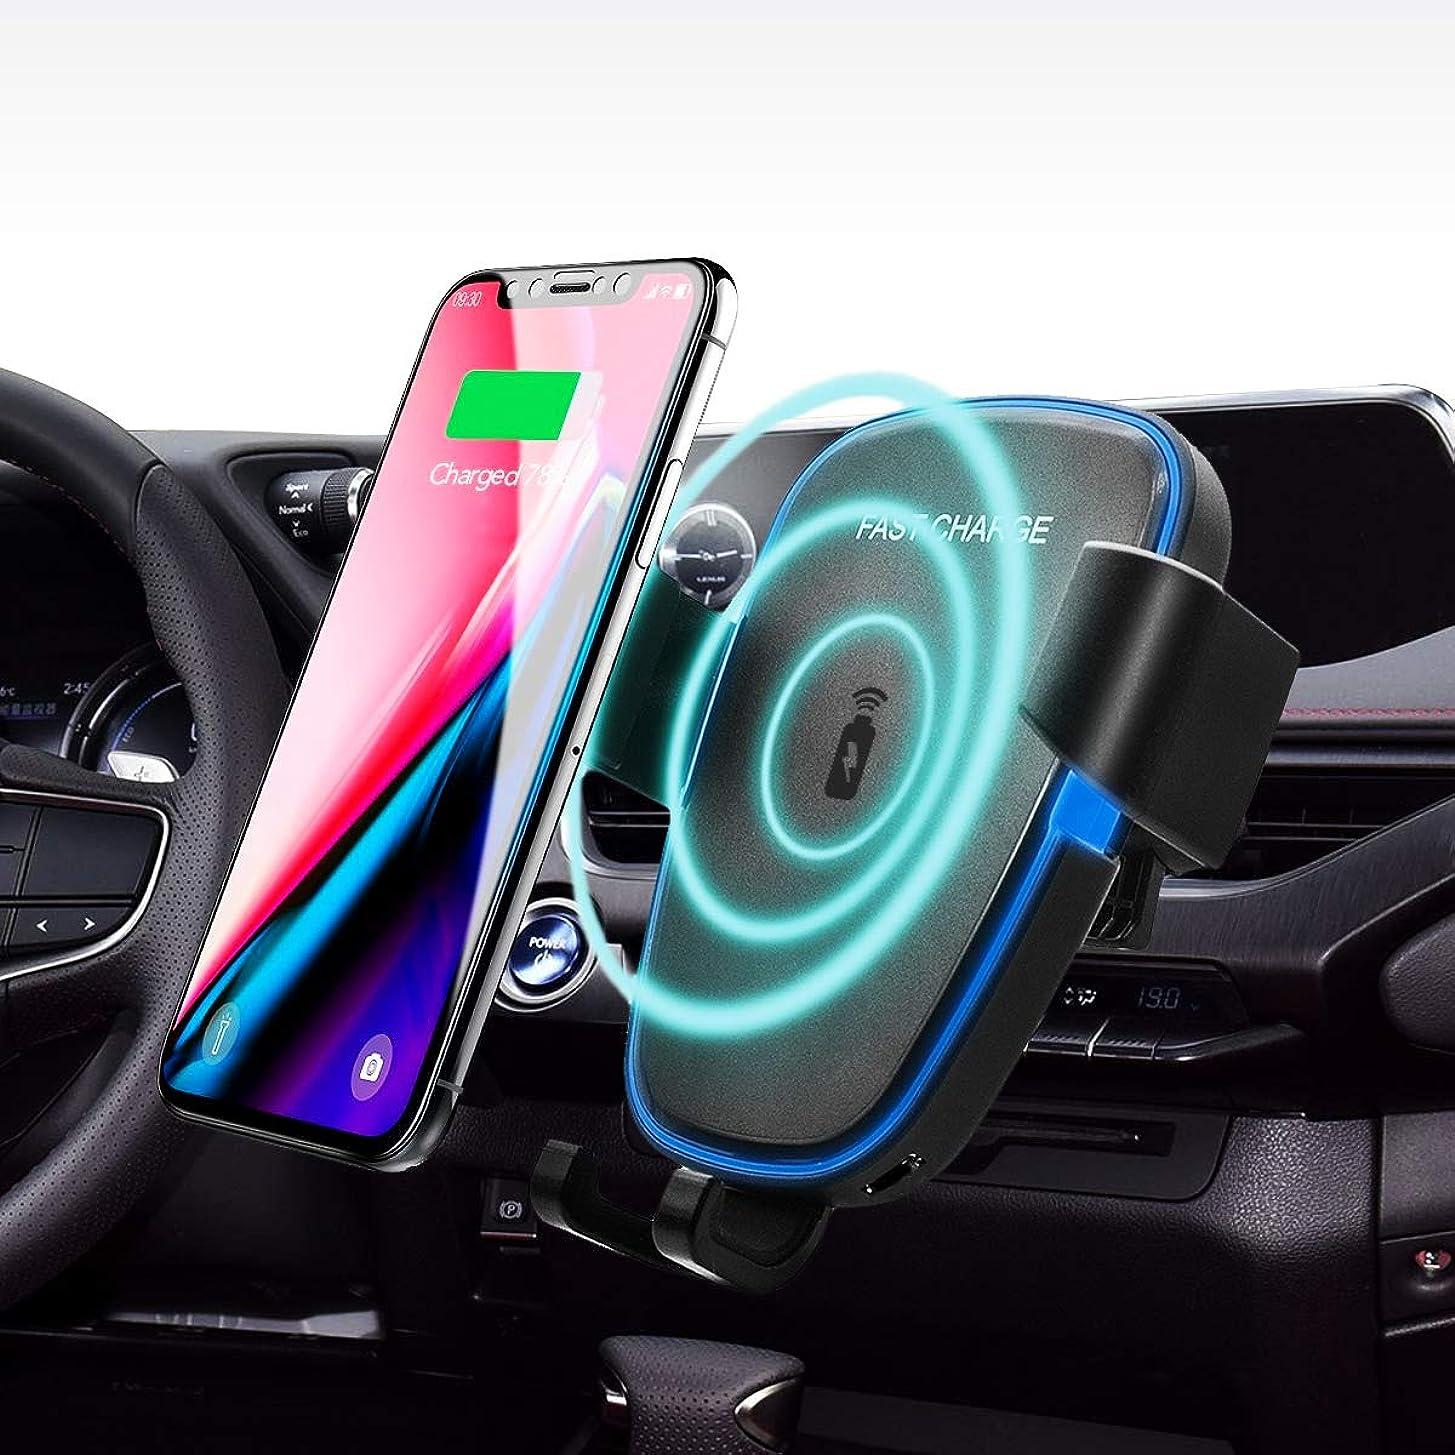 子荷物それに応じて車載qiワイヤレス充電器 車載ホルダー エアコン吹き出し口 360度回転 急速充電 重力原理で自動調節 iPhone X/8/8 Plus/Galaxy S8/S8 Plus/S7/S7 Edge/S6/S6 Edge/Note 8/Note 5/Nexus 5/6 対応(黒)